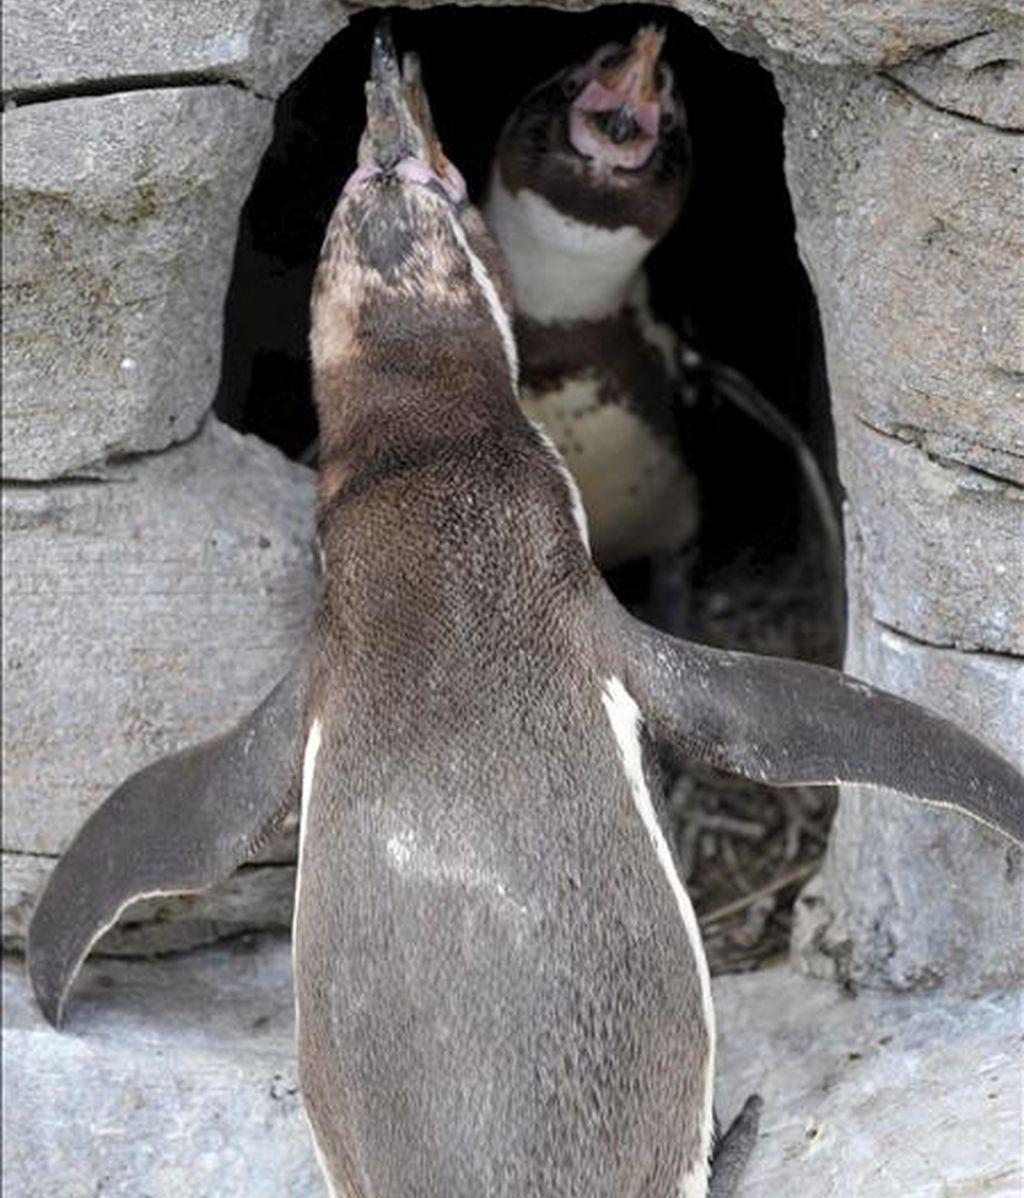 """Los pingüinos de Humboldt 'Z-Punkt' y 'Viel-Punkt' son fotografiados en su cueva en el Zoo """"Am Meer"""", en Bremerhaven, Alemania. Dos pingüinos gays adoptaron un huevo que fue rechazado por otros pingüinos hace un tiempo. Ambos criaron al huevo y alimentaron al polluelo. EFE"""